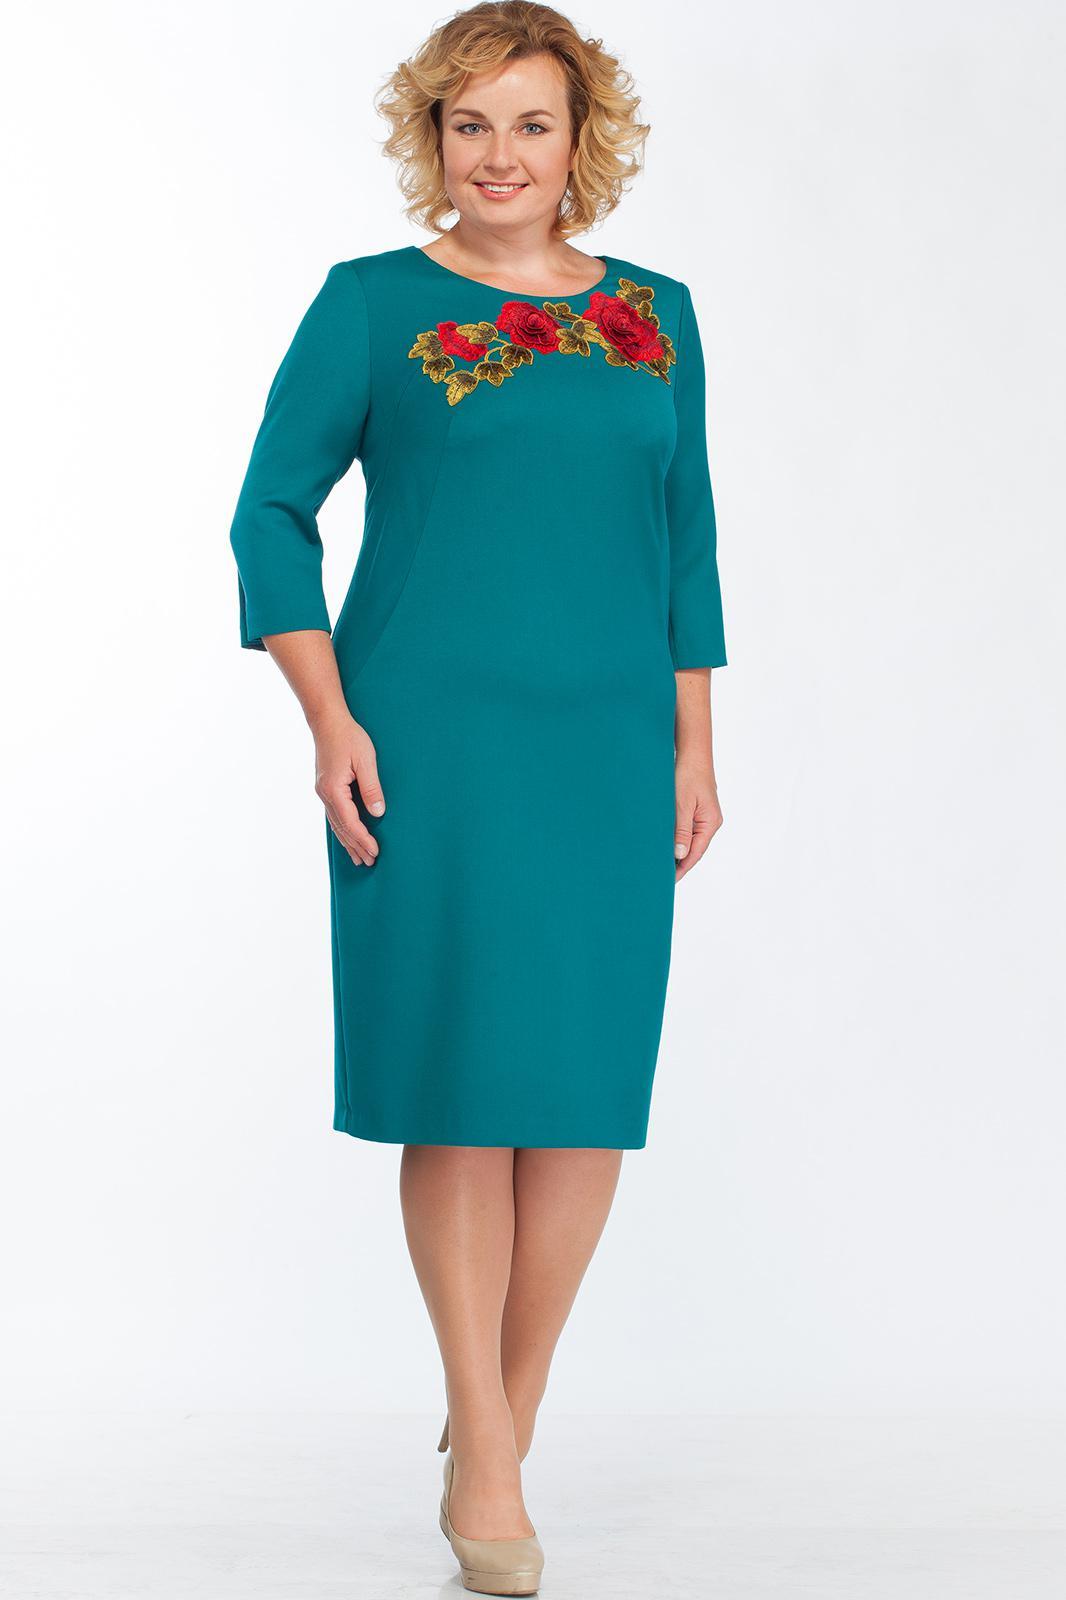 Купить Платье Bonna Image, 265 Бирюзовый, Беларусь